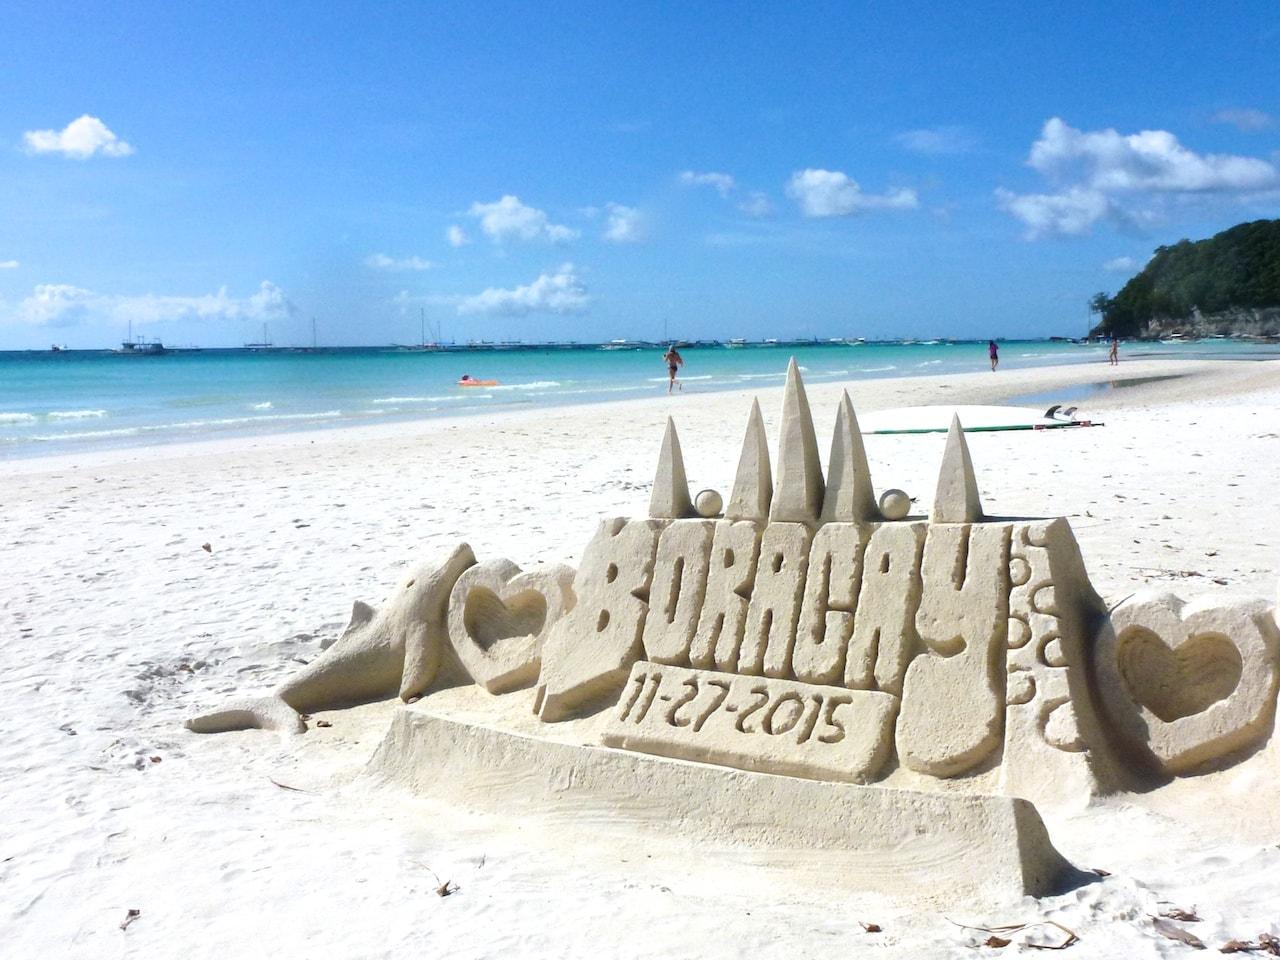 Jeden Tag aufs neue: Sandburgen am White Beach